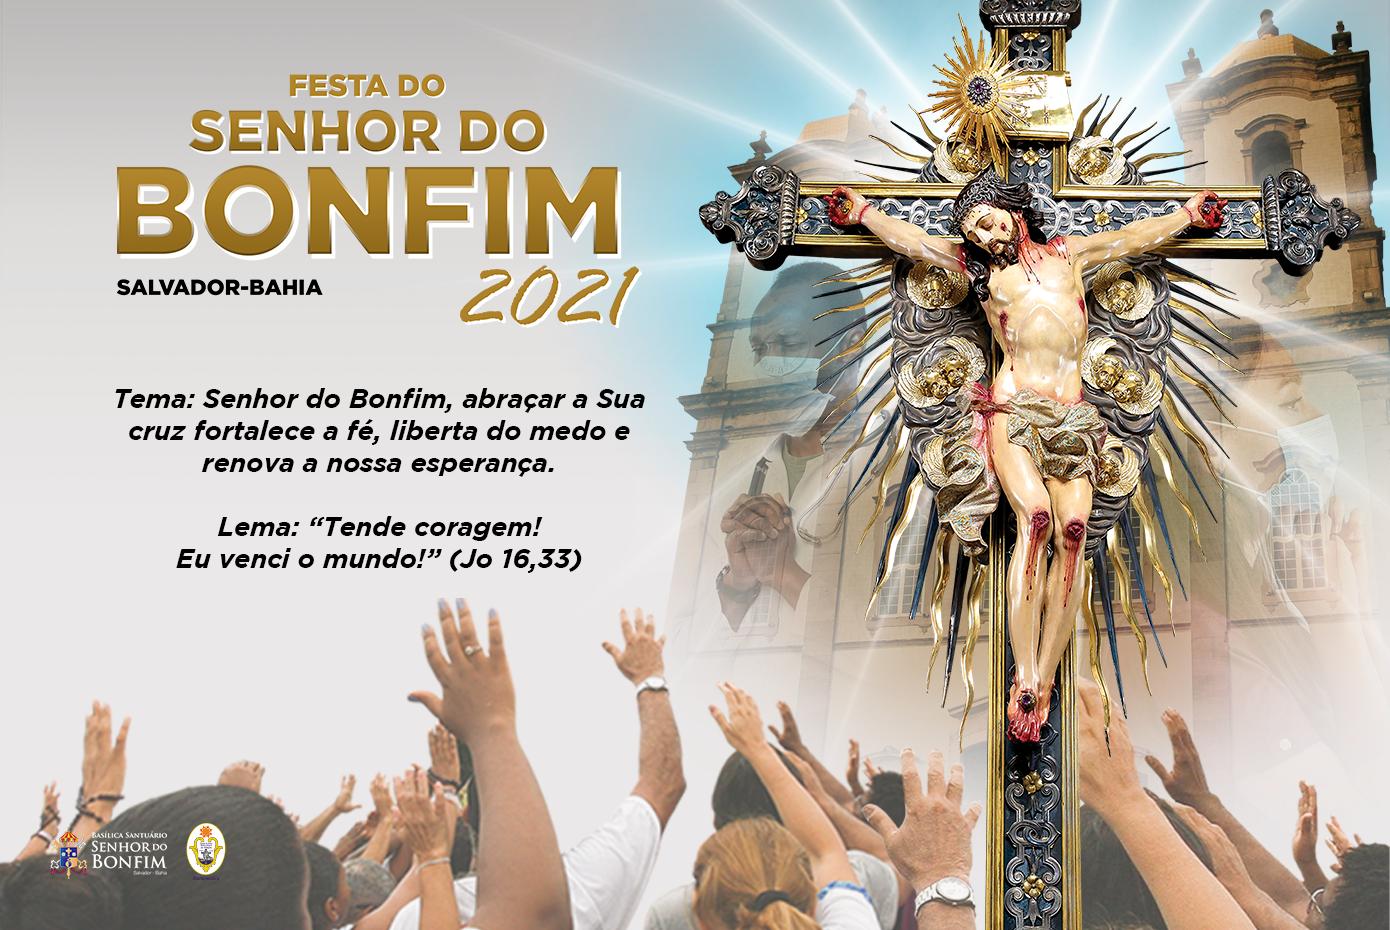 Festa do Senhor do Bonfim 2021